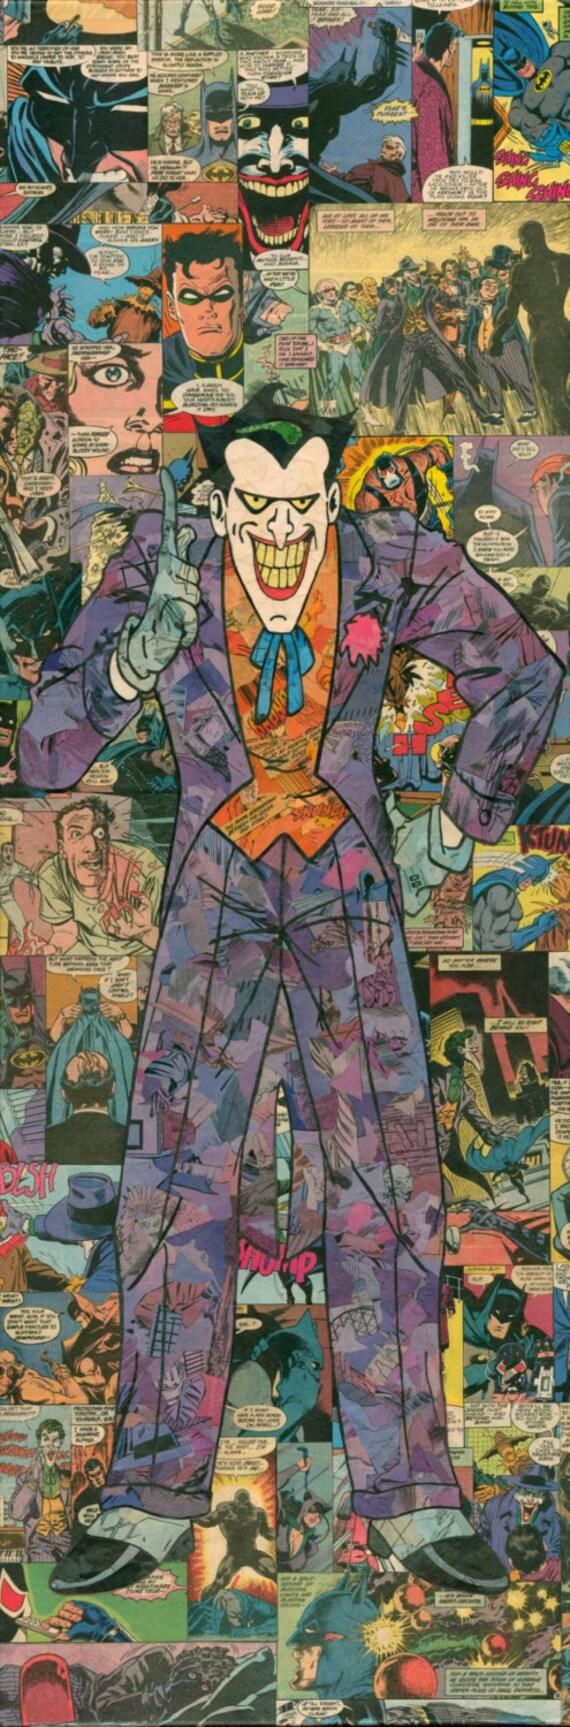 https://img1.etsystatic.com/034/1/7926056/il_570xN.595160459_owgw.jpg Comic Joker Painting